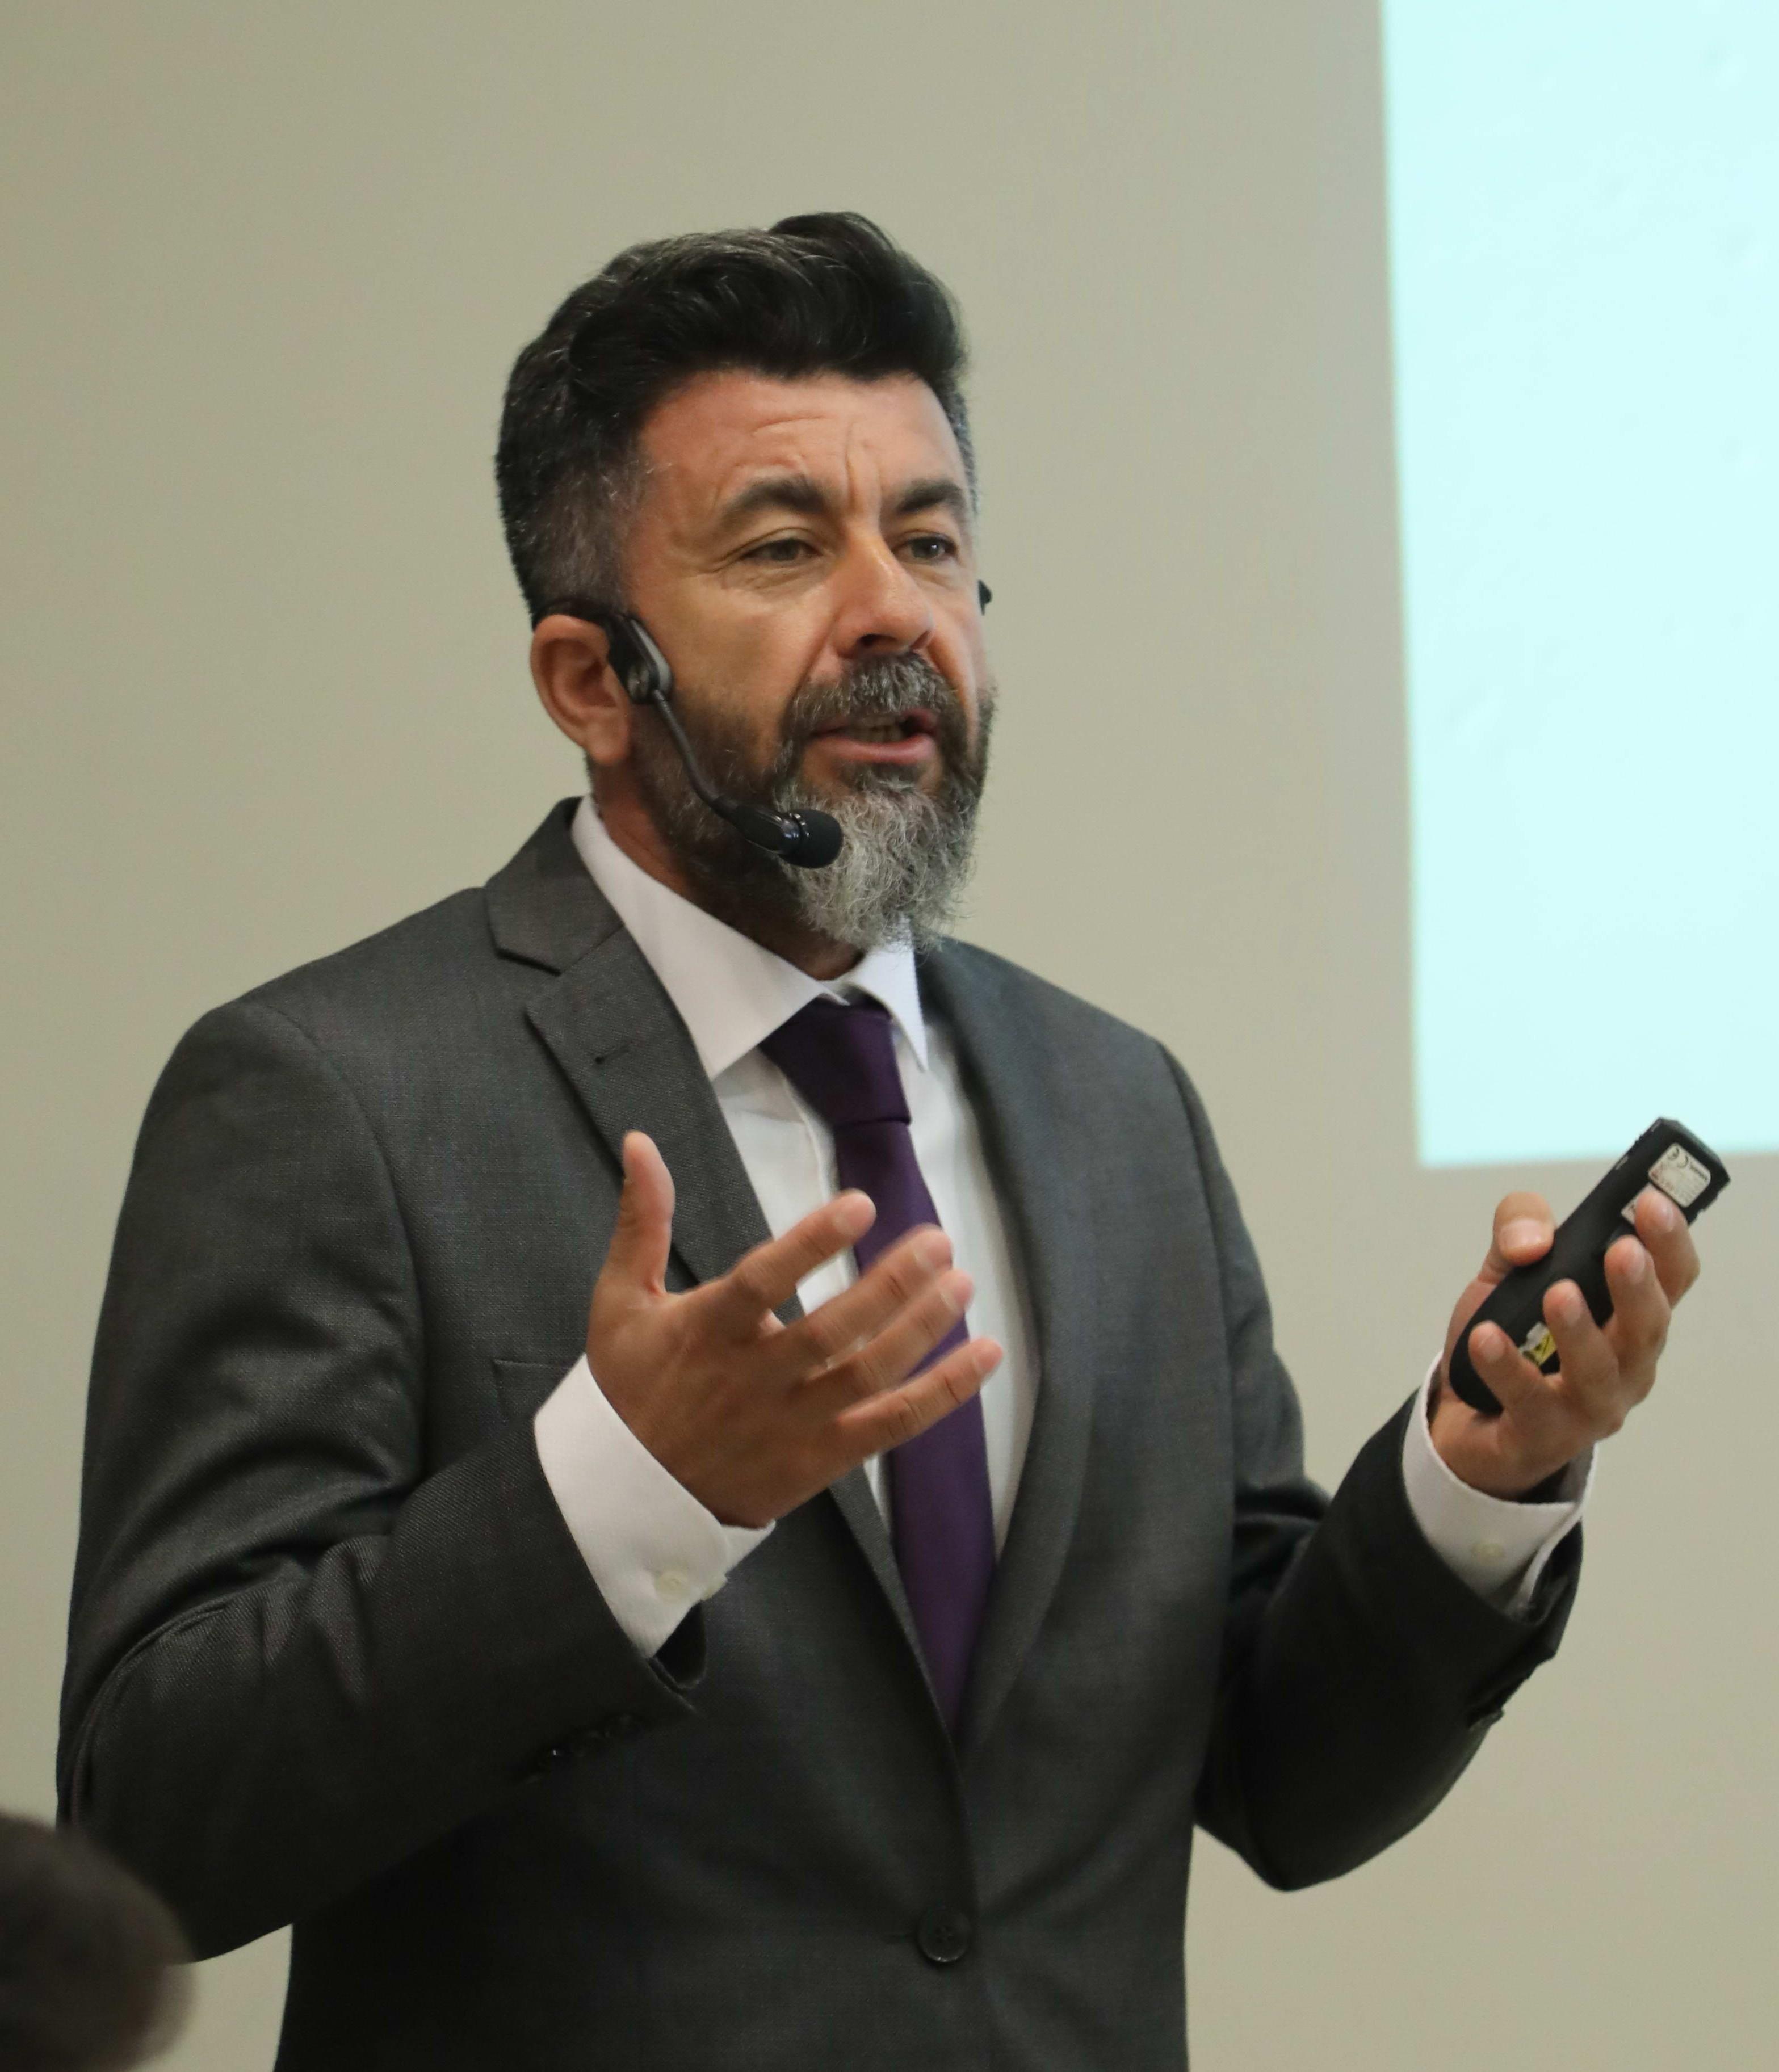 GAÜN'DEN ÇOK ÇARPICI SURİYELİ ARAŞTIRMASI -  (Doç. Dr. Mehmet Nuri Gültekin)